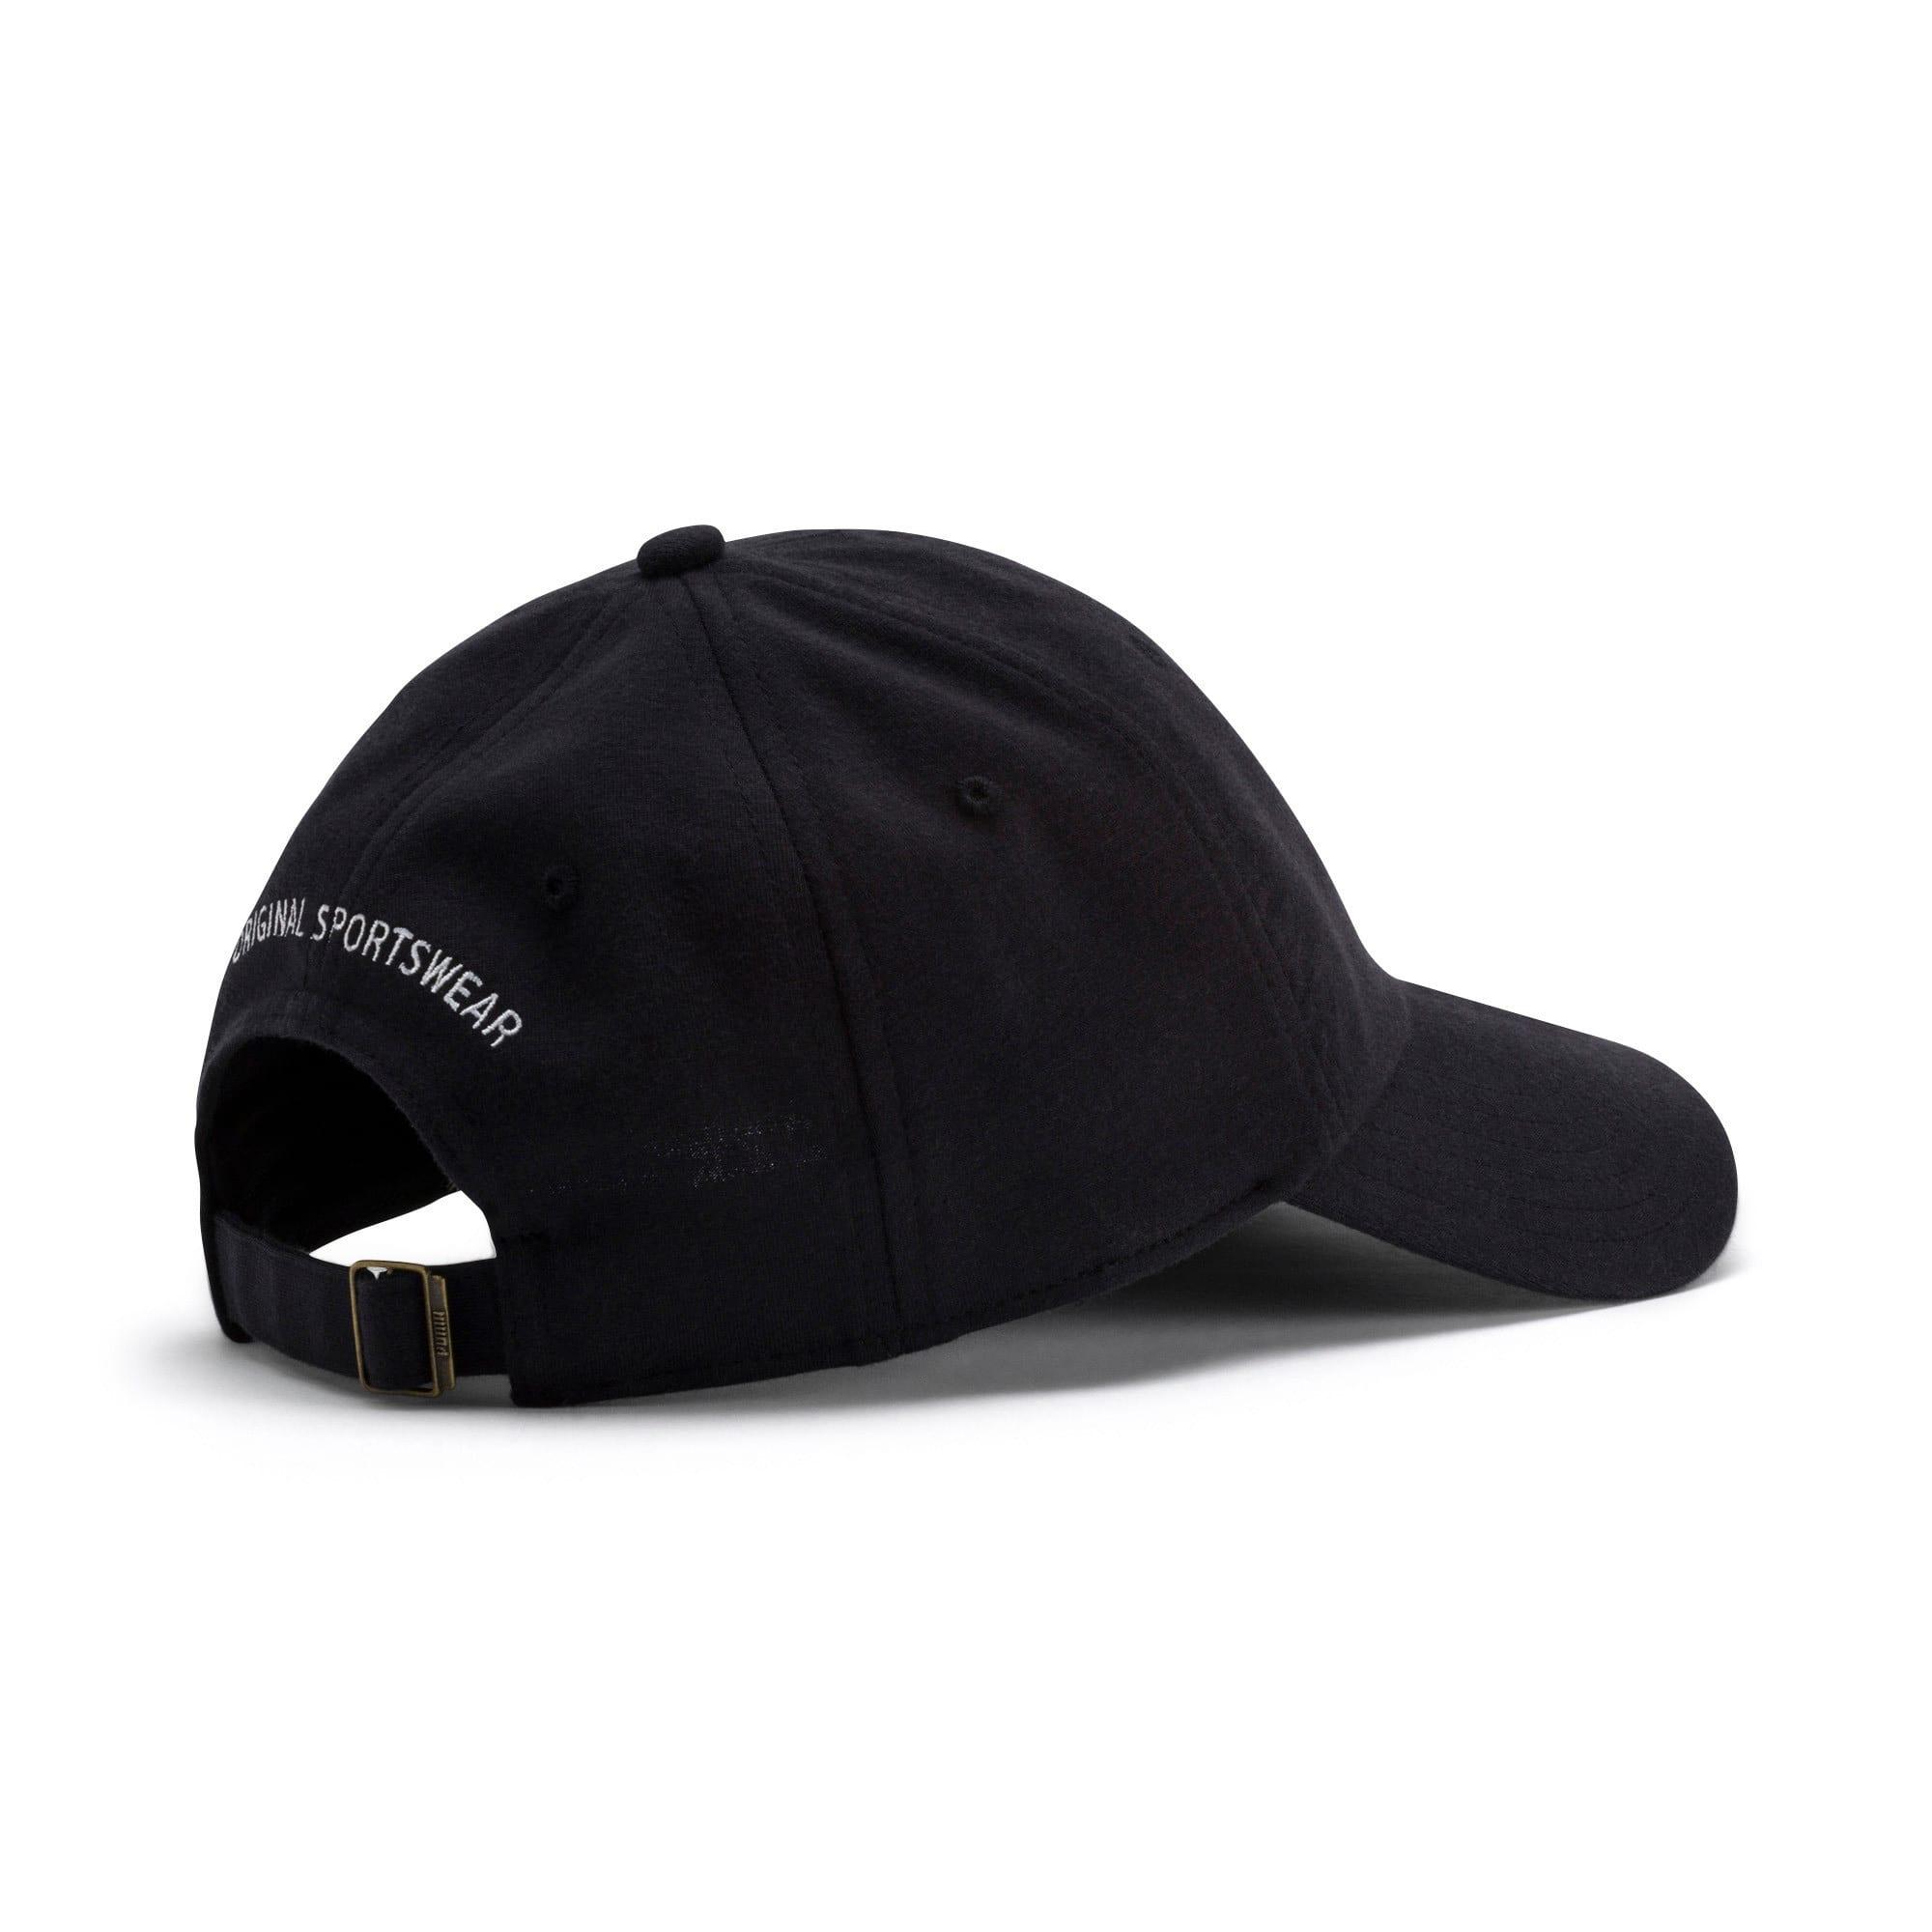 Thumbnail 2 of STYLE Fabric Cap, Puma Black, medium